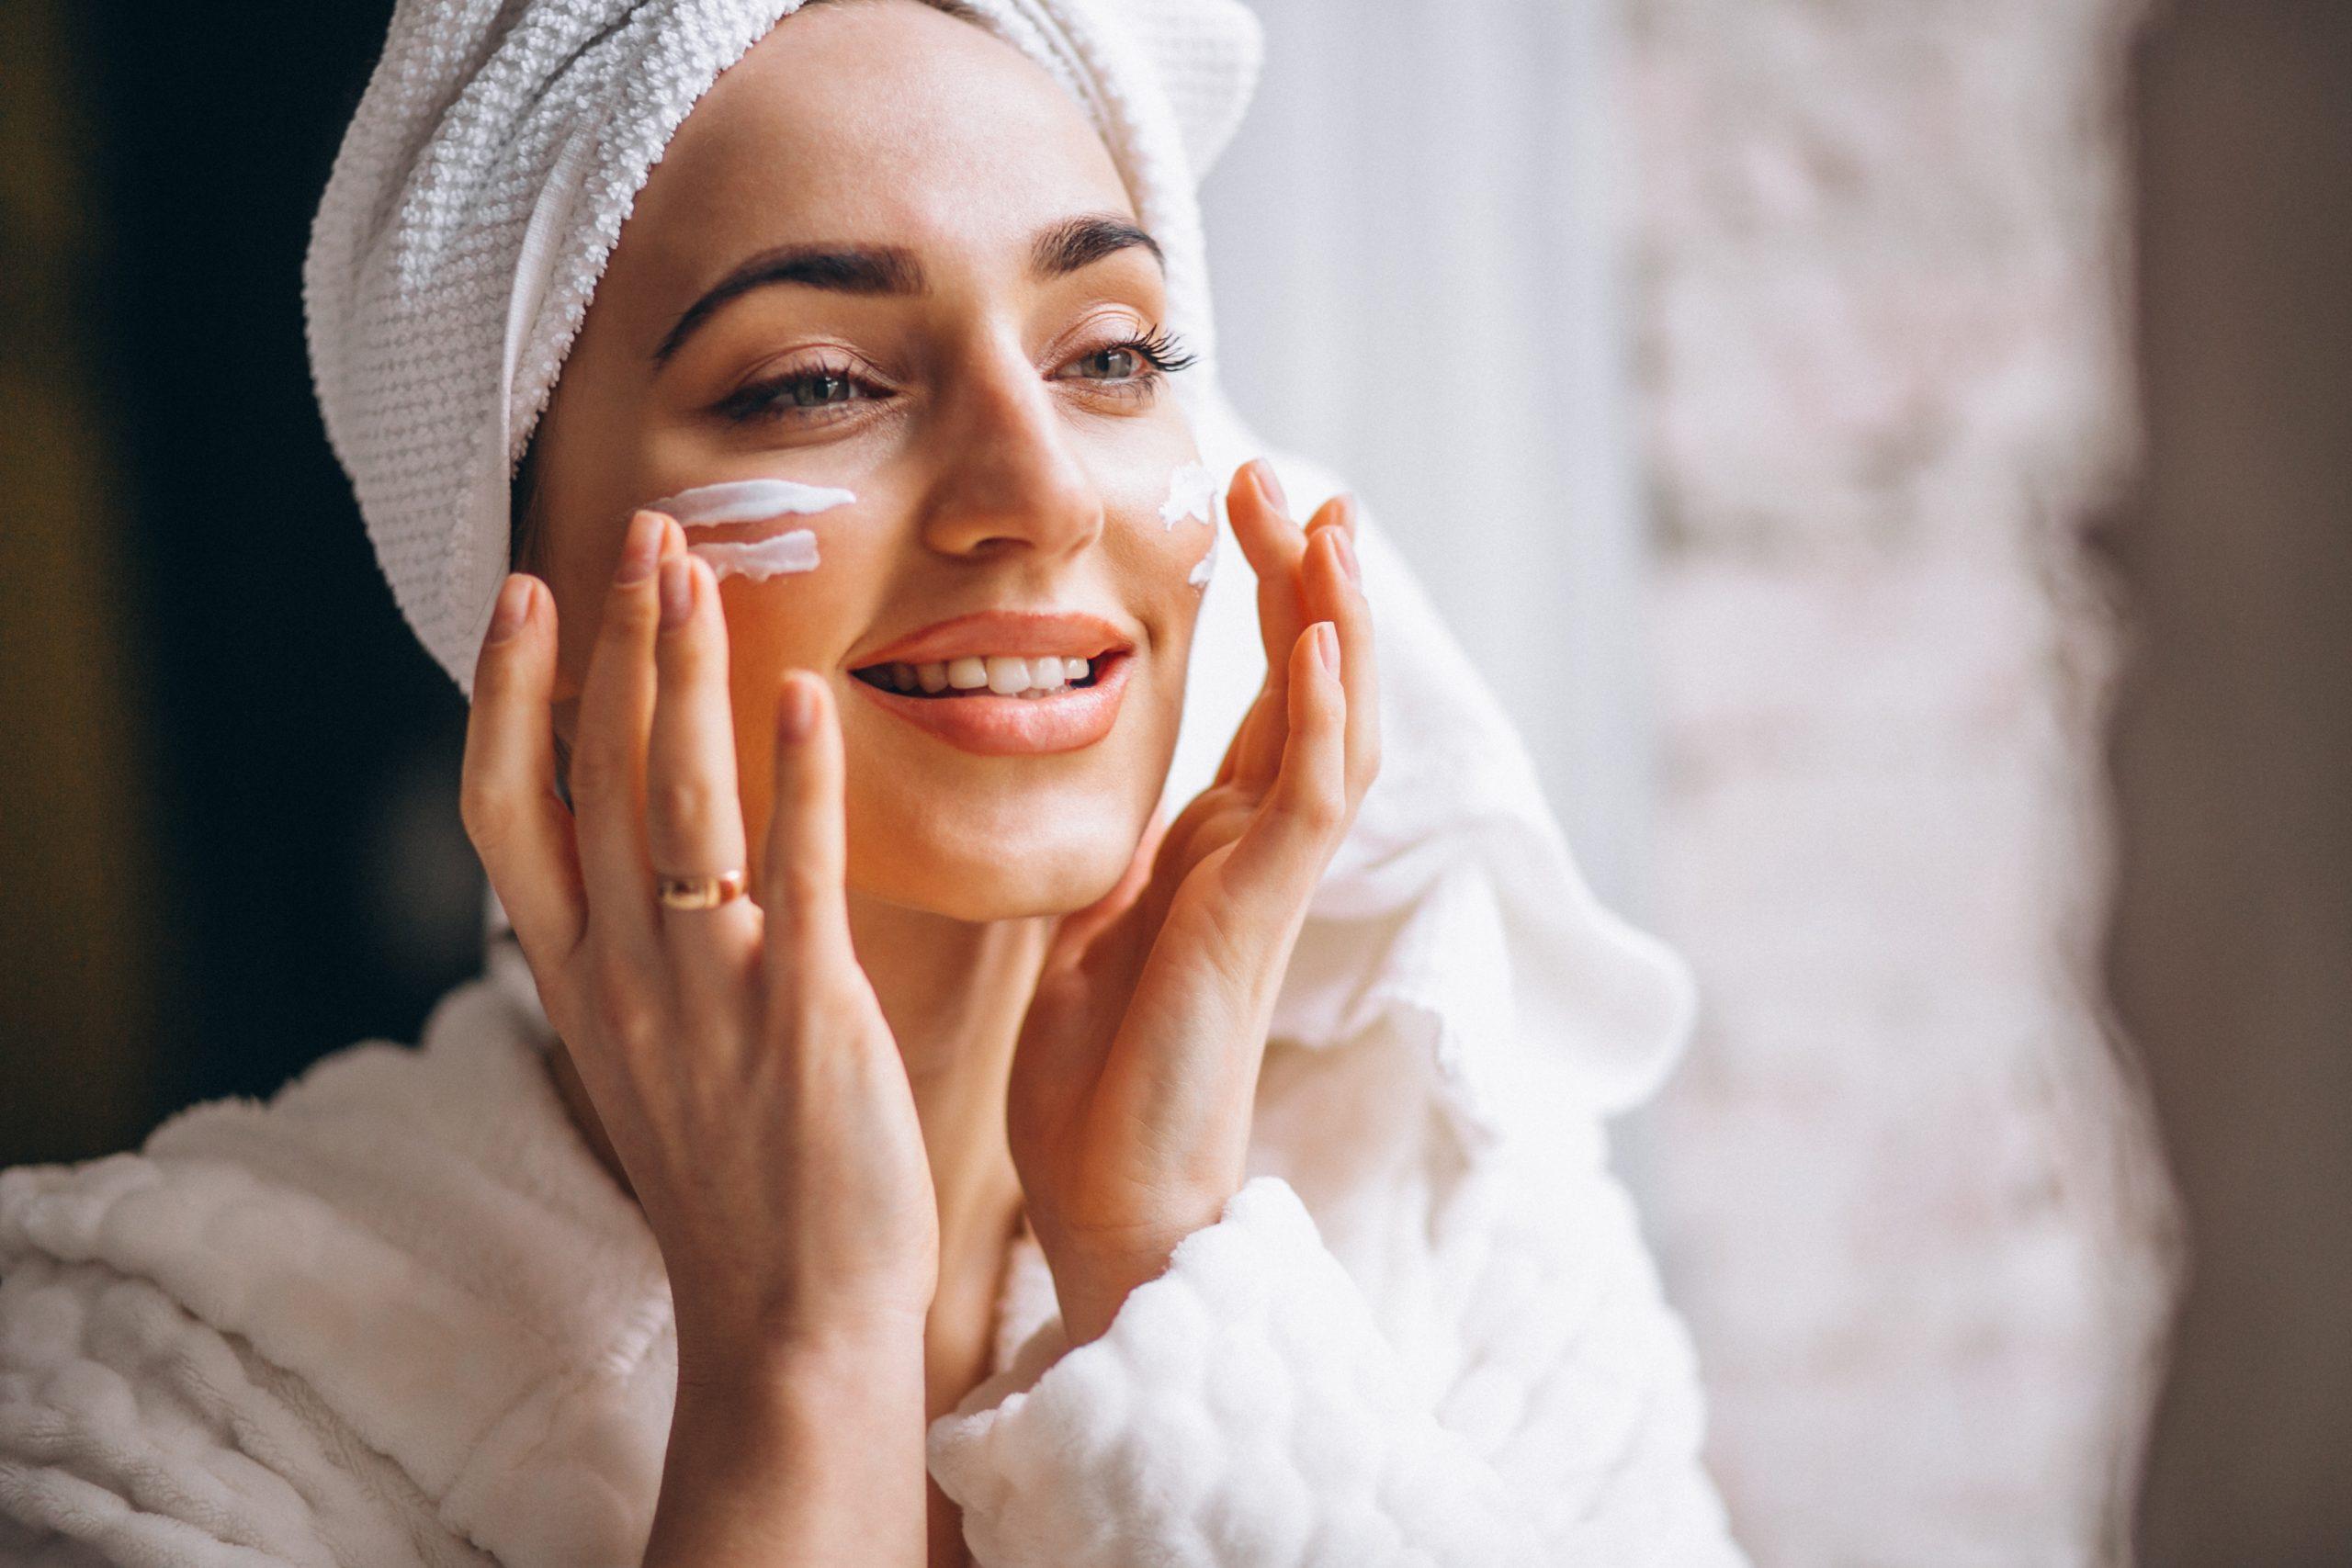 Máscara caseira: deixe sua pele limpa e saudável sem sair de casa